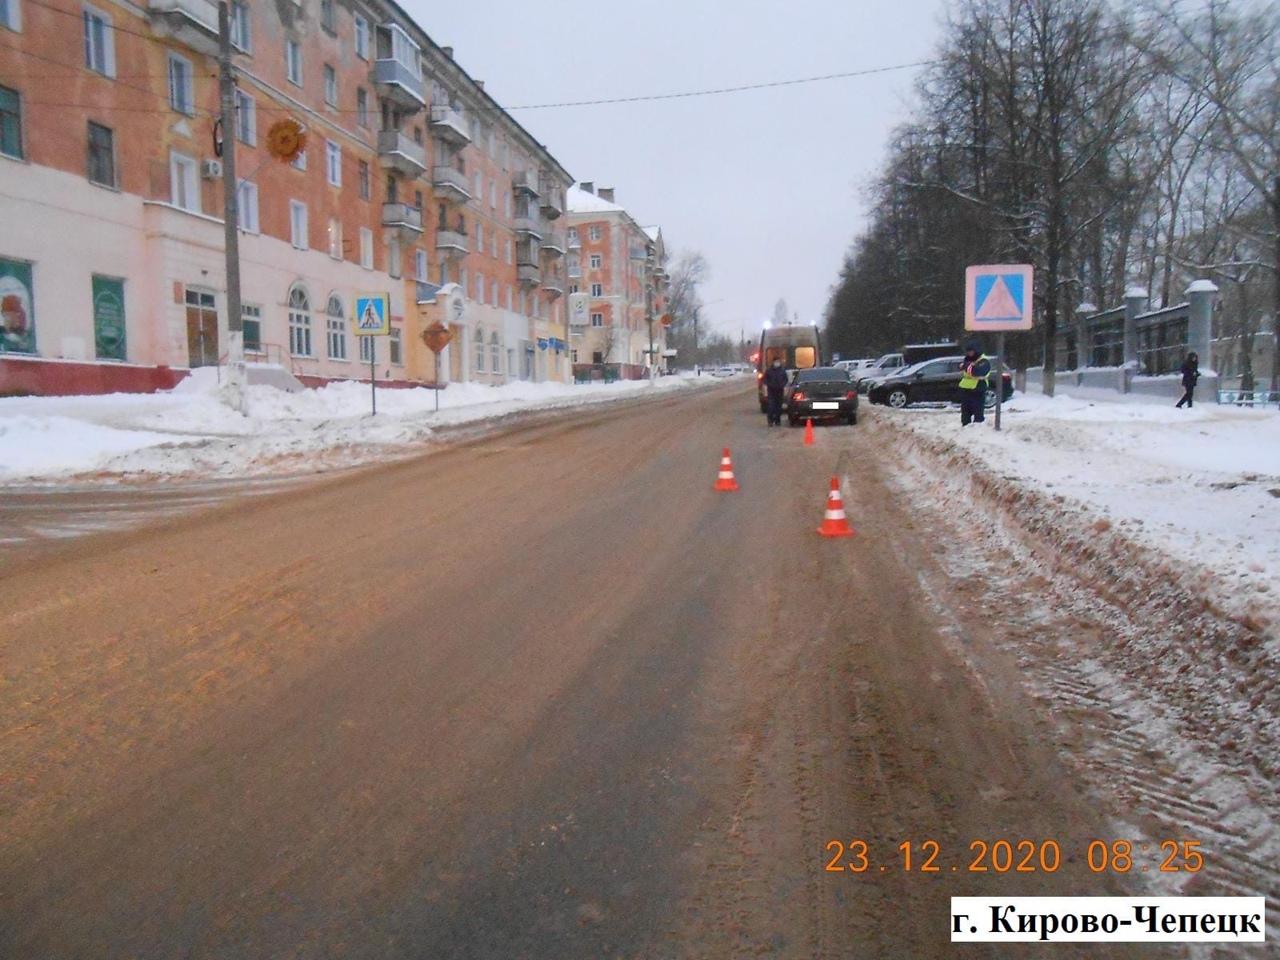 В Кирово-Чепецке пенсионер на ВАЗе сбил женщину-пешехода